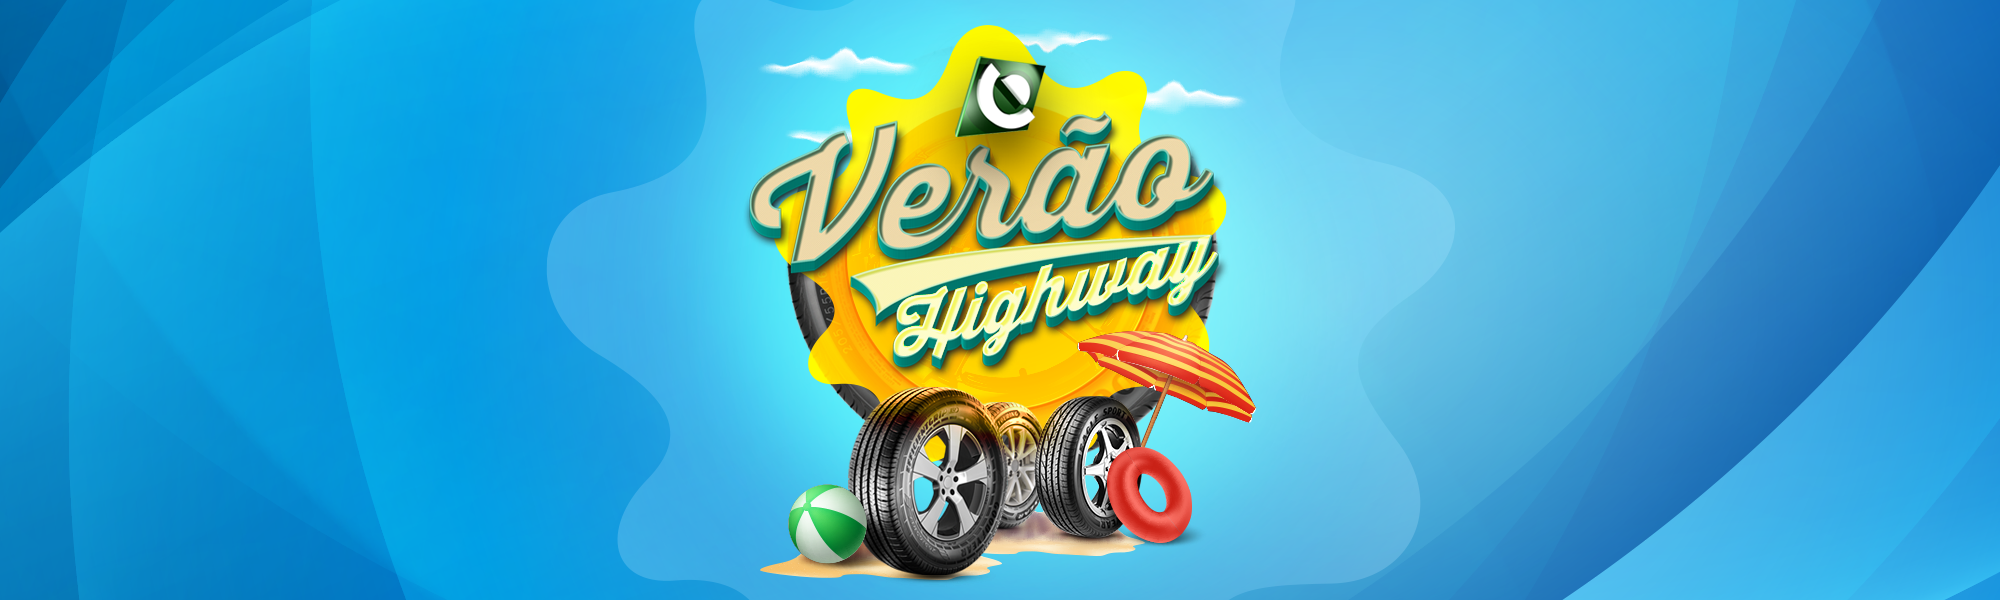 1-banner_google_verao_highway21